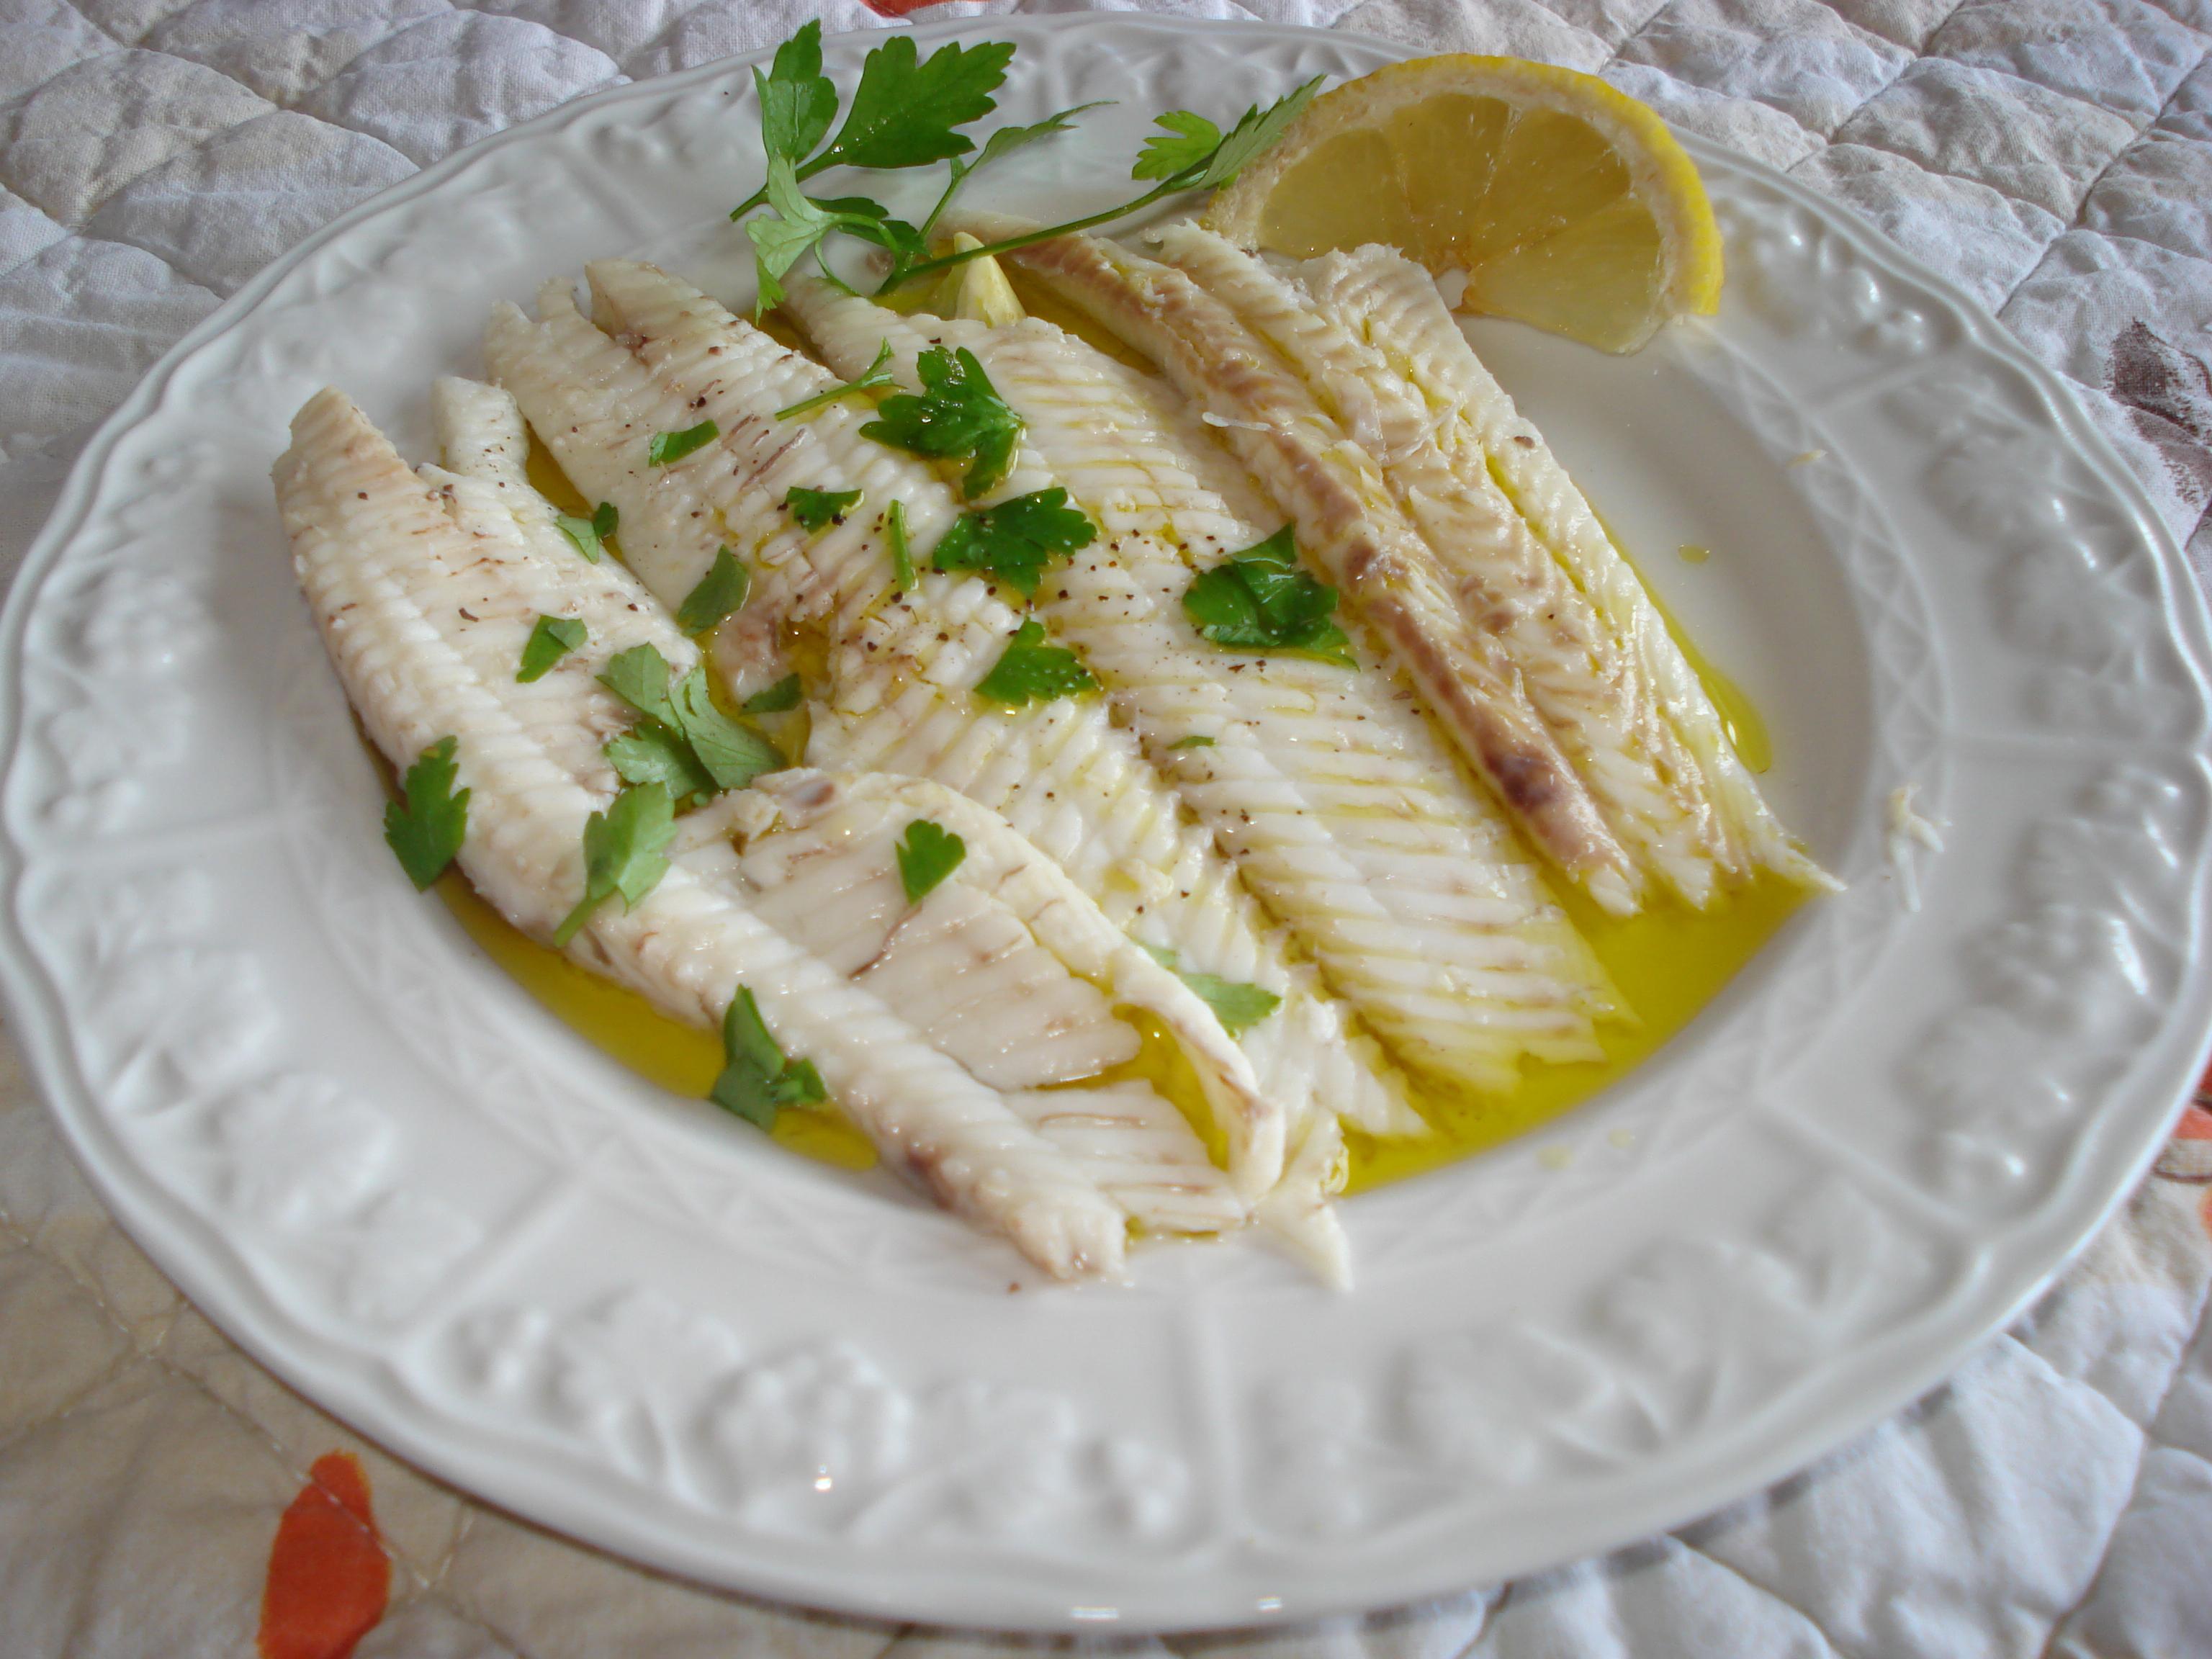 Ricerca ricette con filetti di sogliola al limone - Ricette per cucinare ...